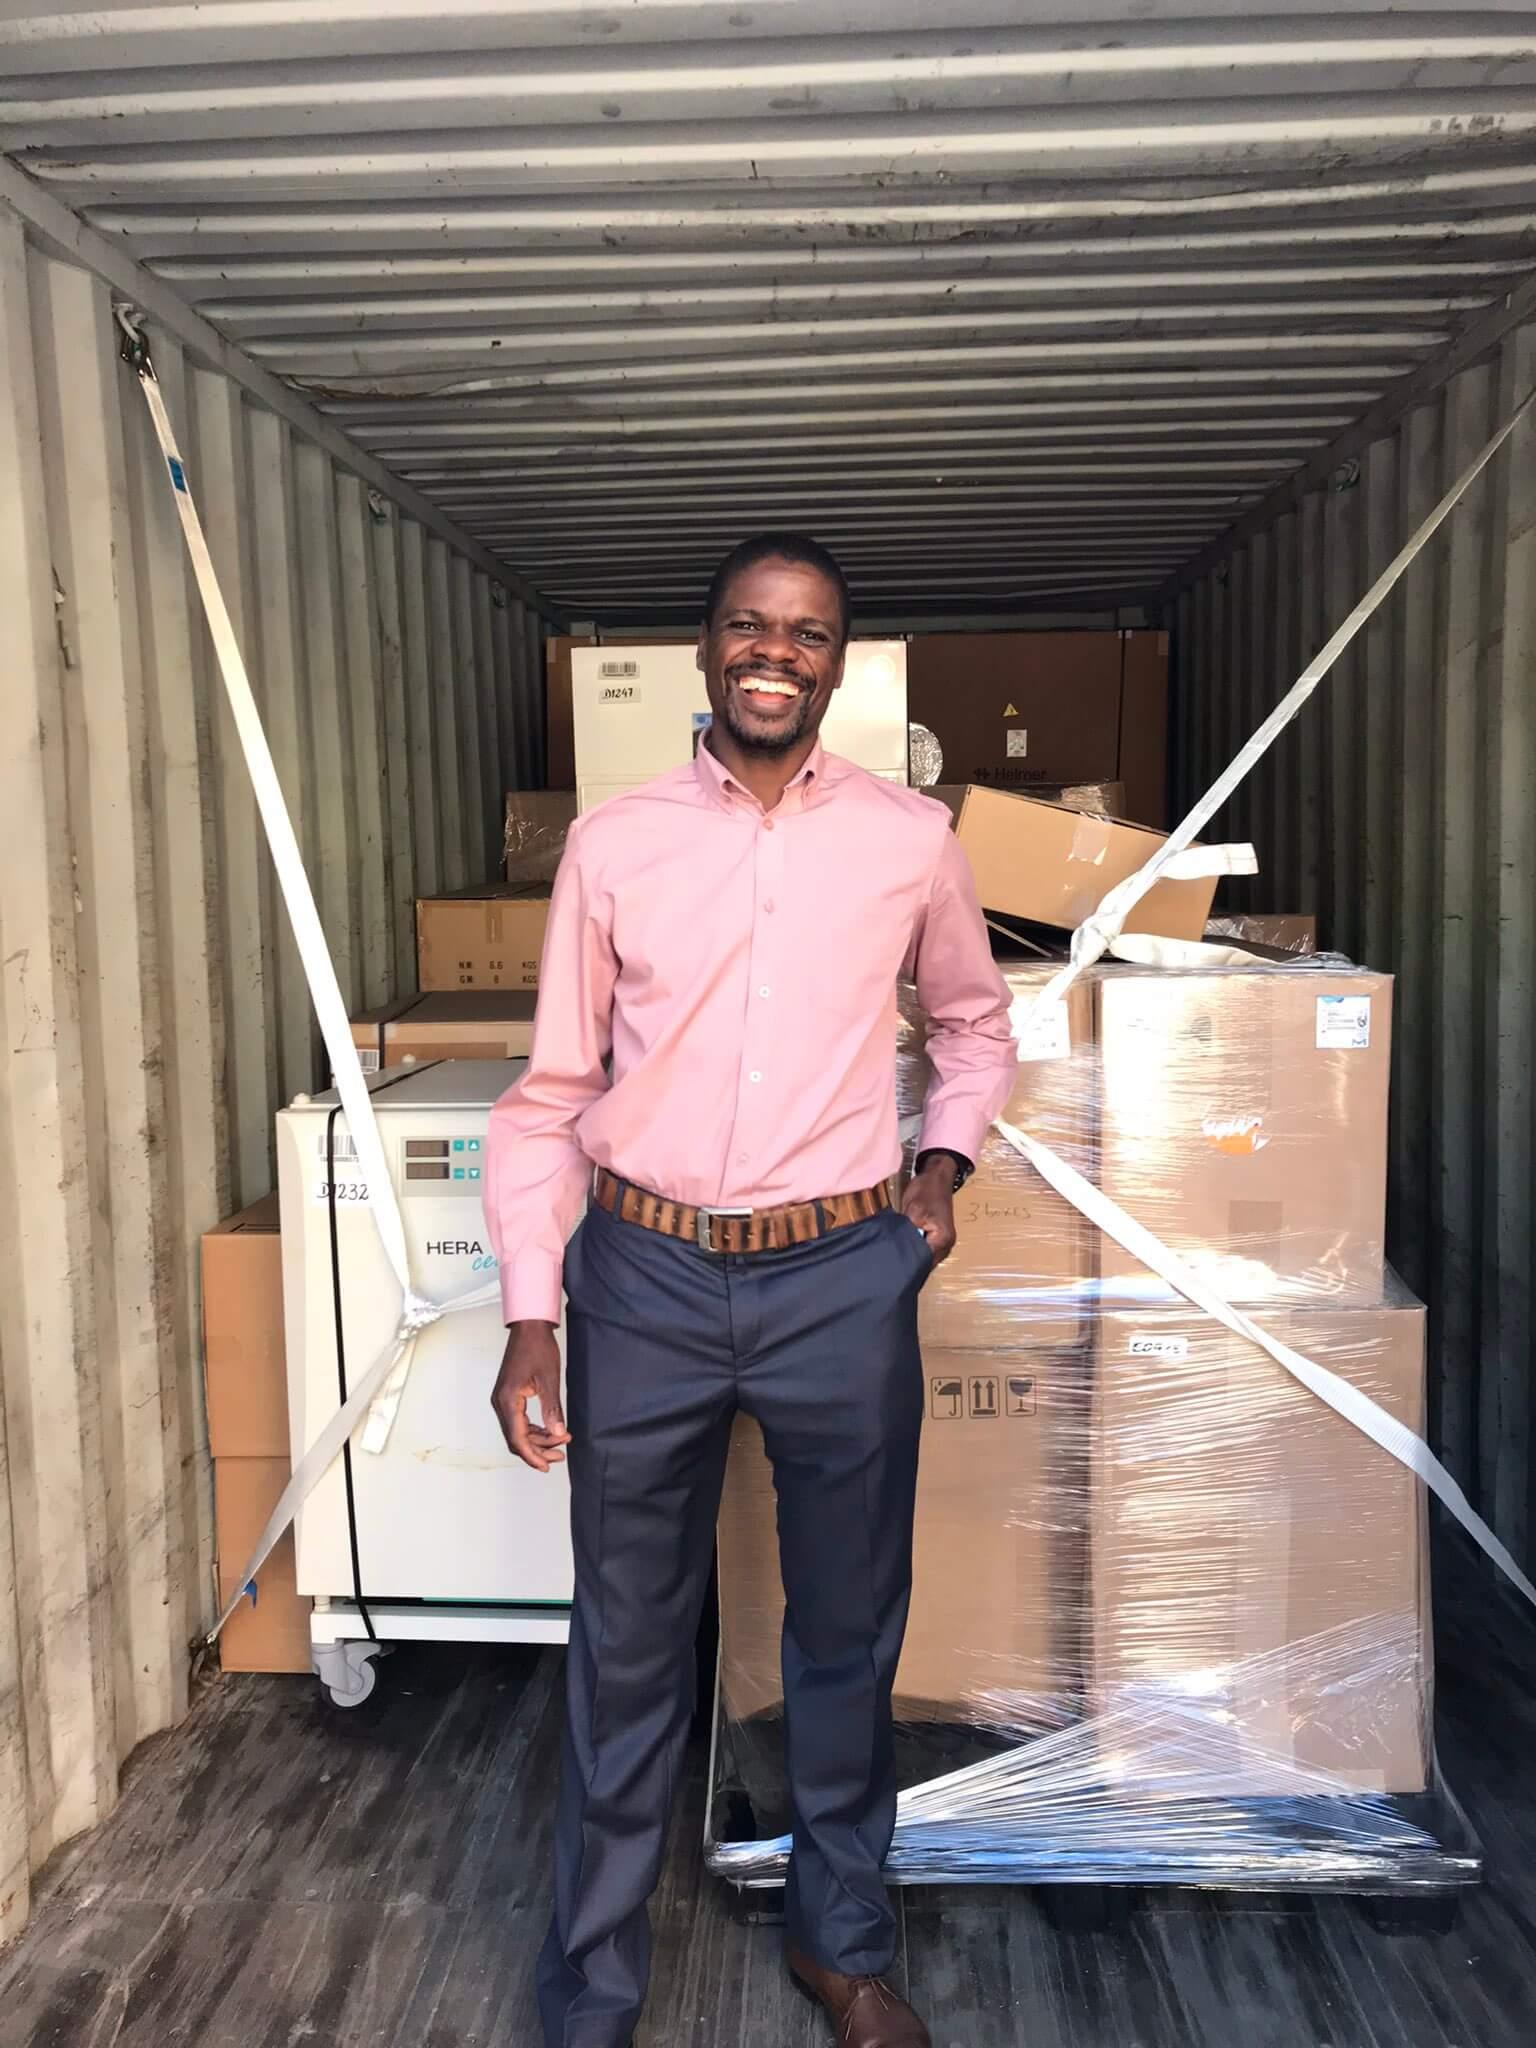 Equipment arriving at UNam